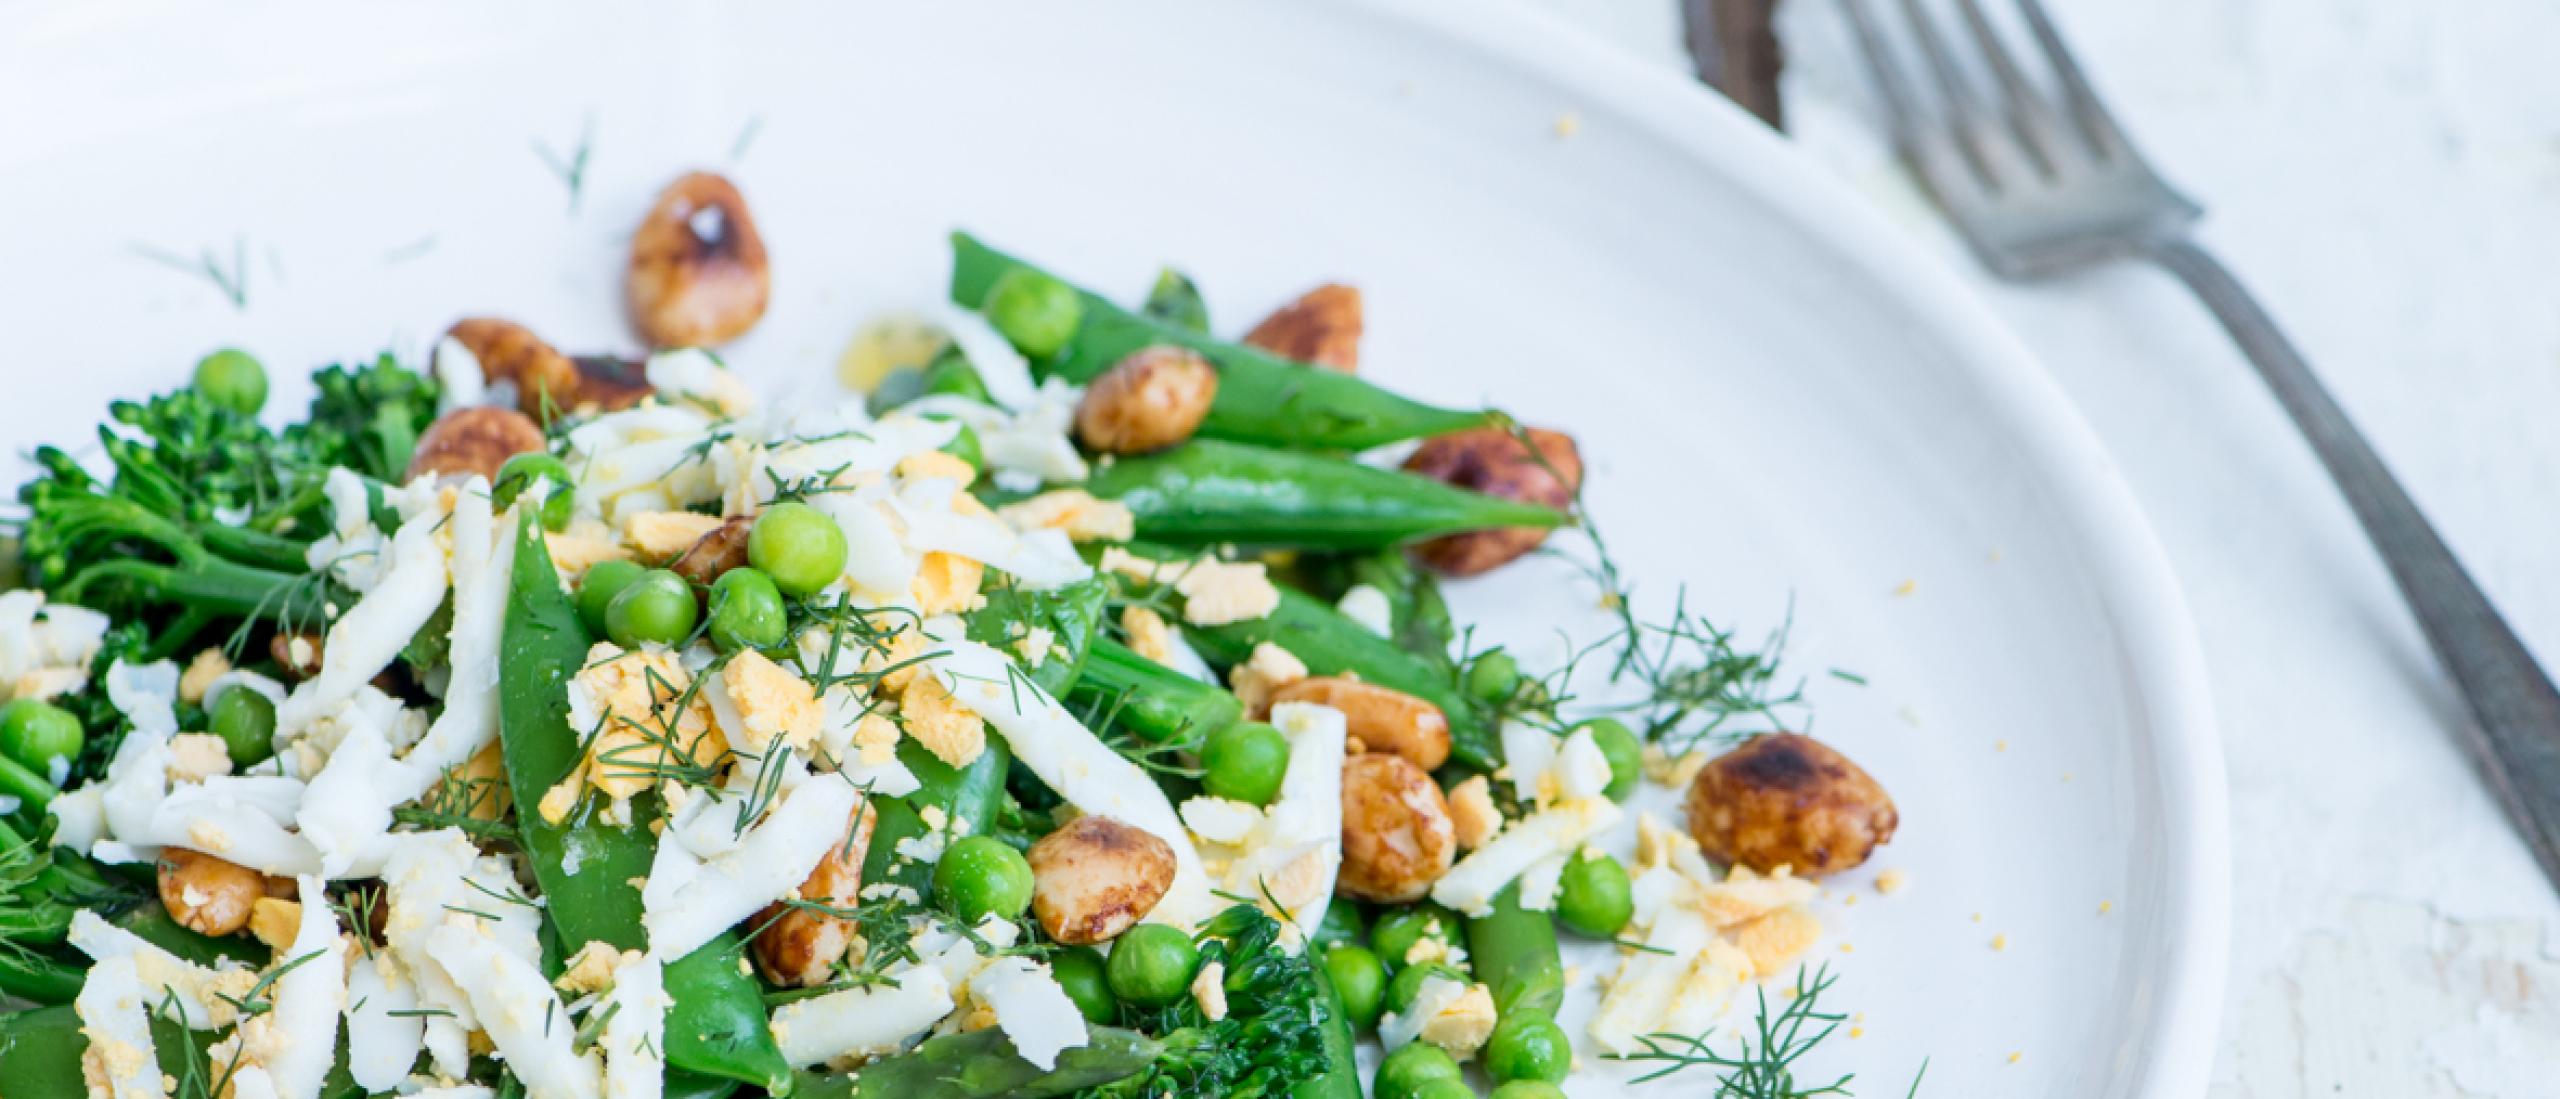 Recept: Snelle maaltijdsalade met geraspte eieren